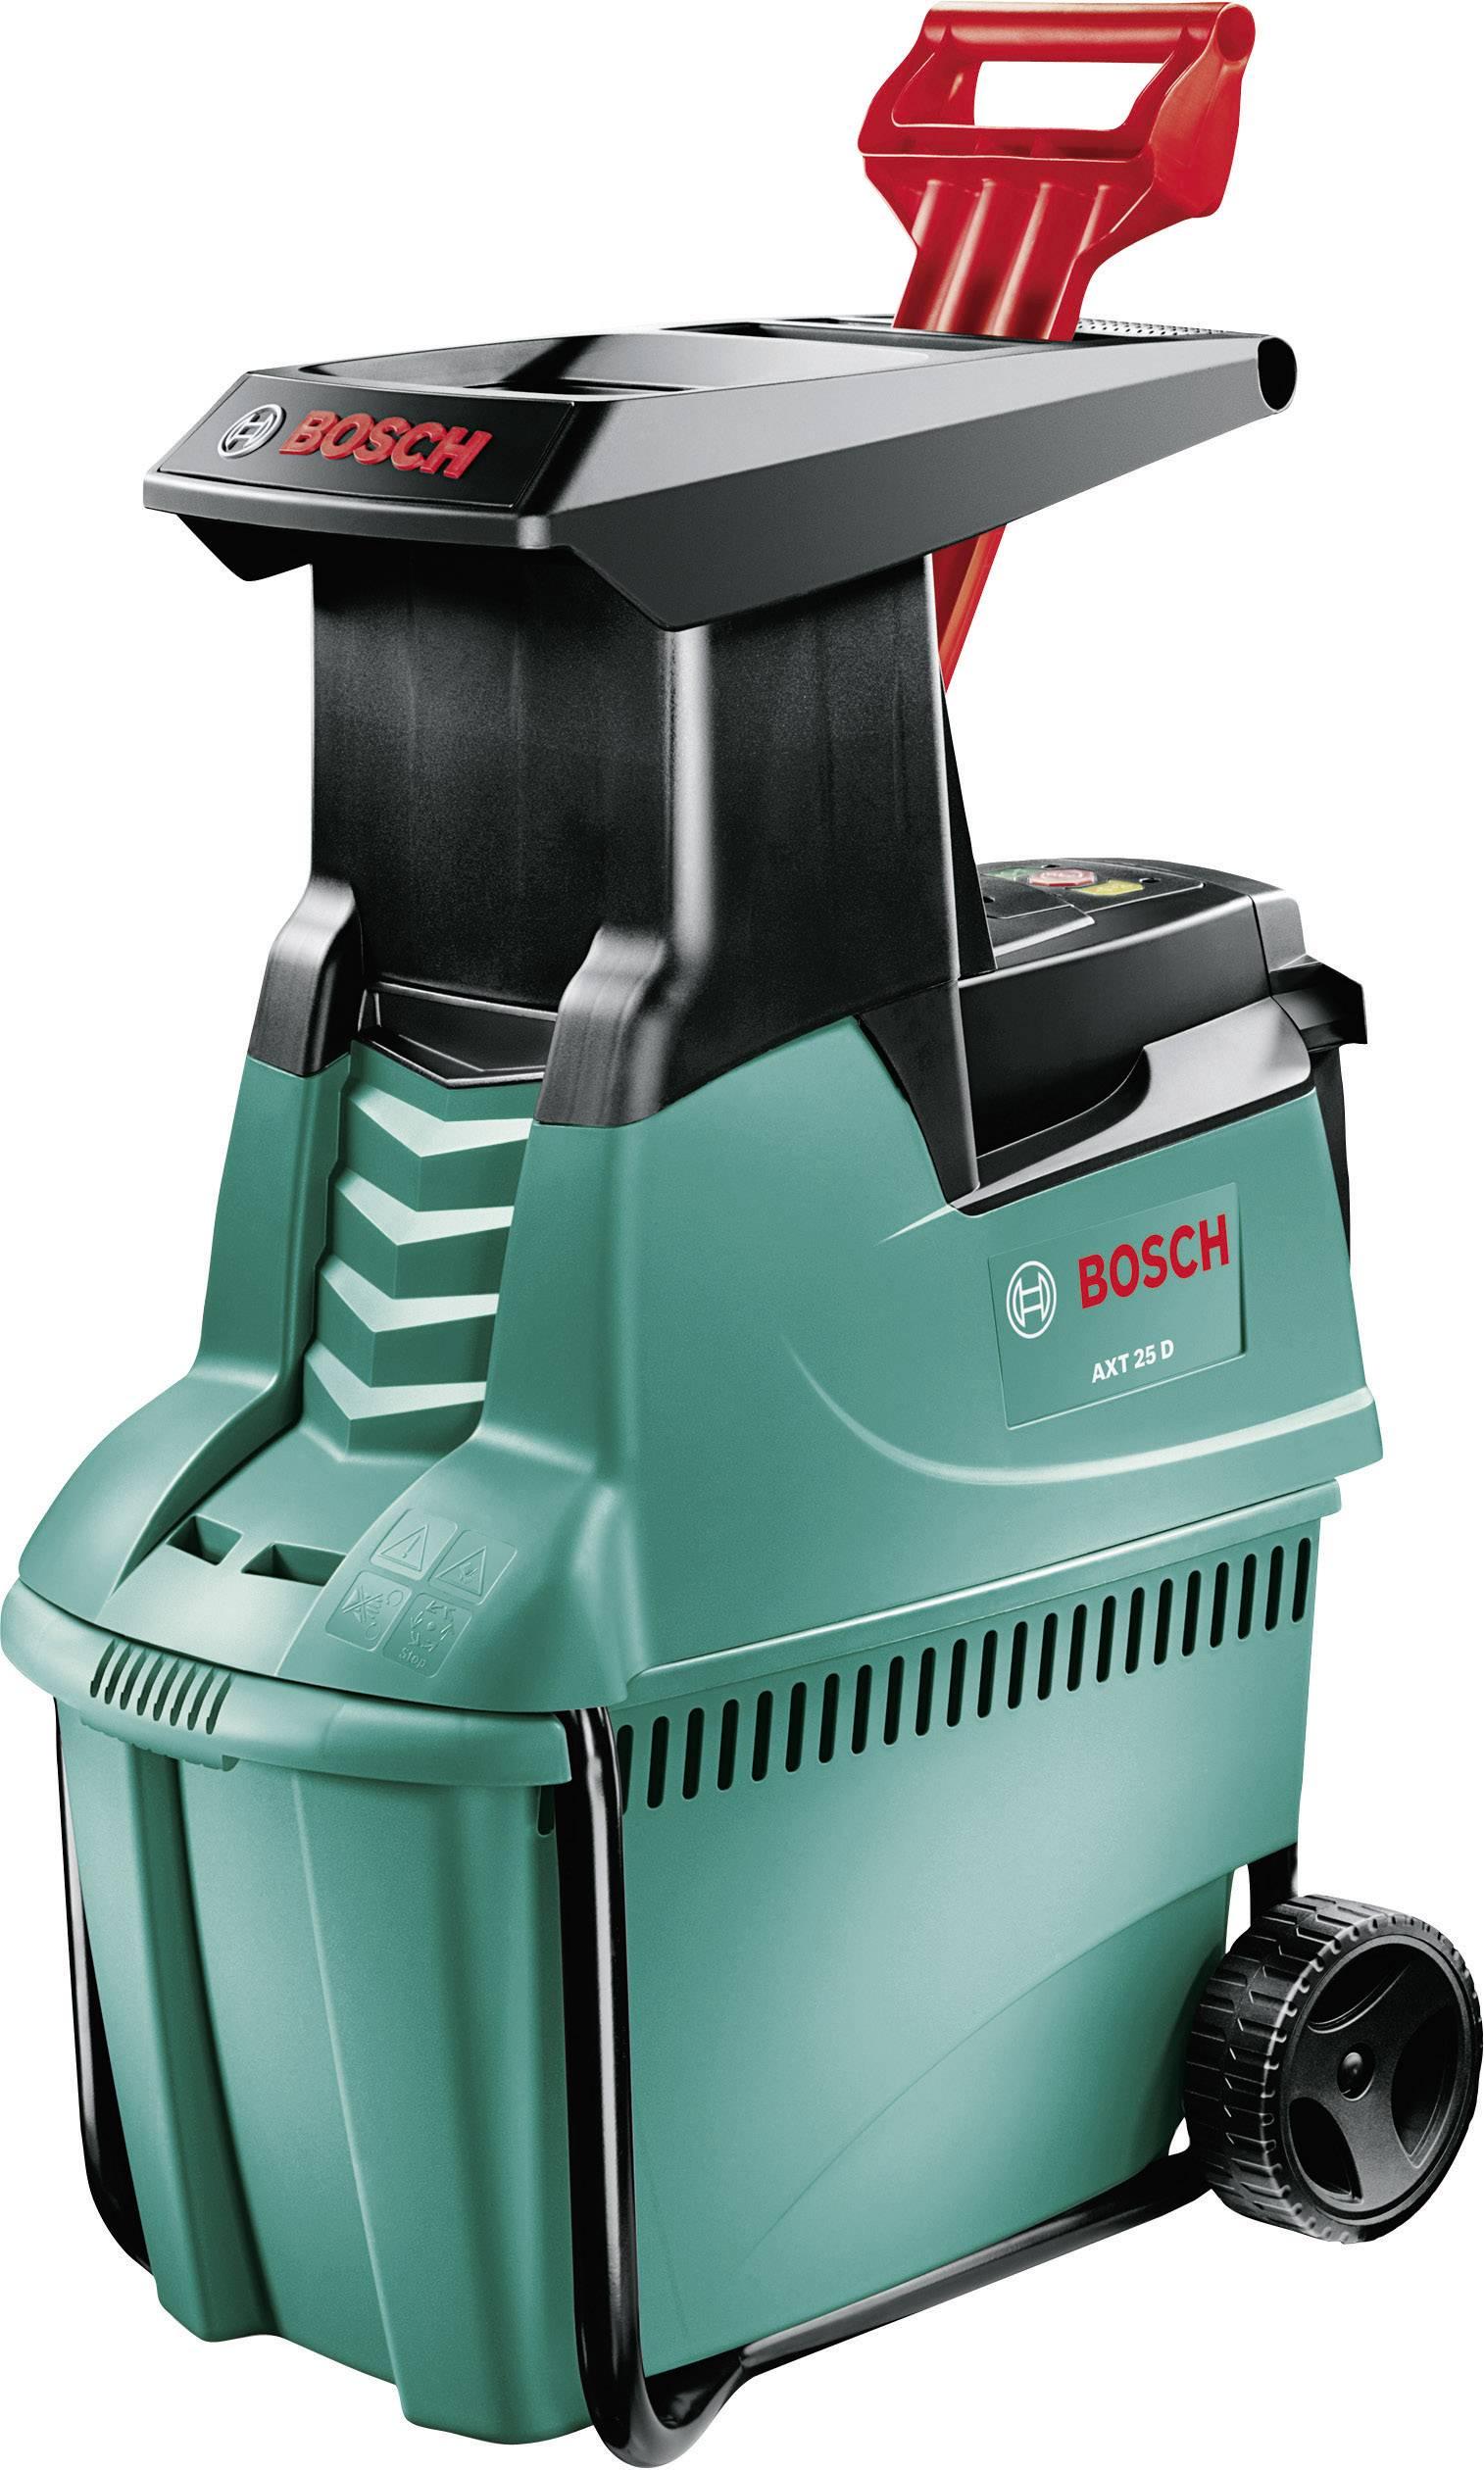 Elektrická válcový zahradní drtič AXT 25 D Bosch Home and Garden 2500 W 0600803100